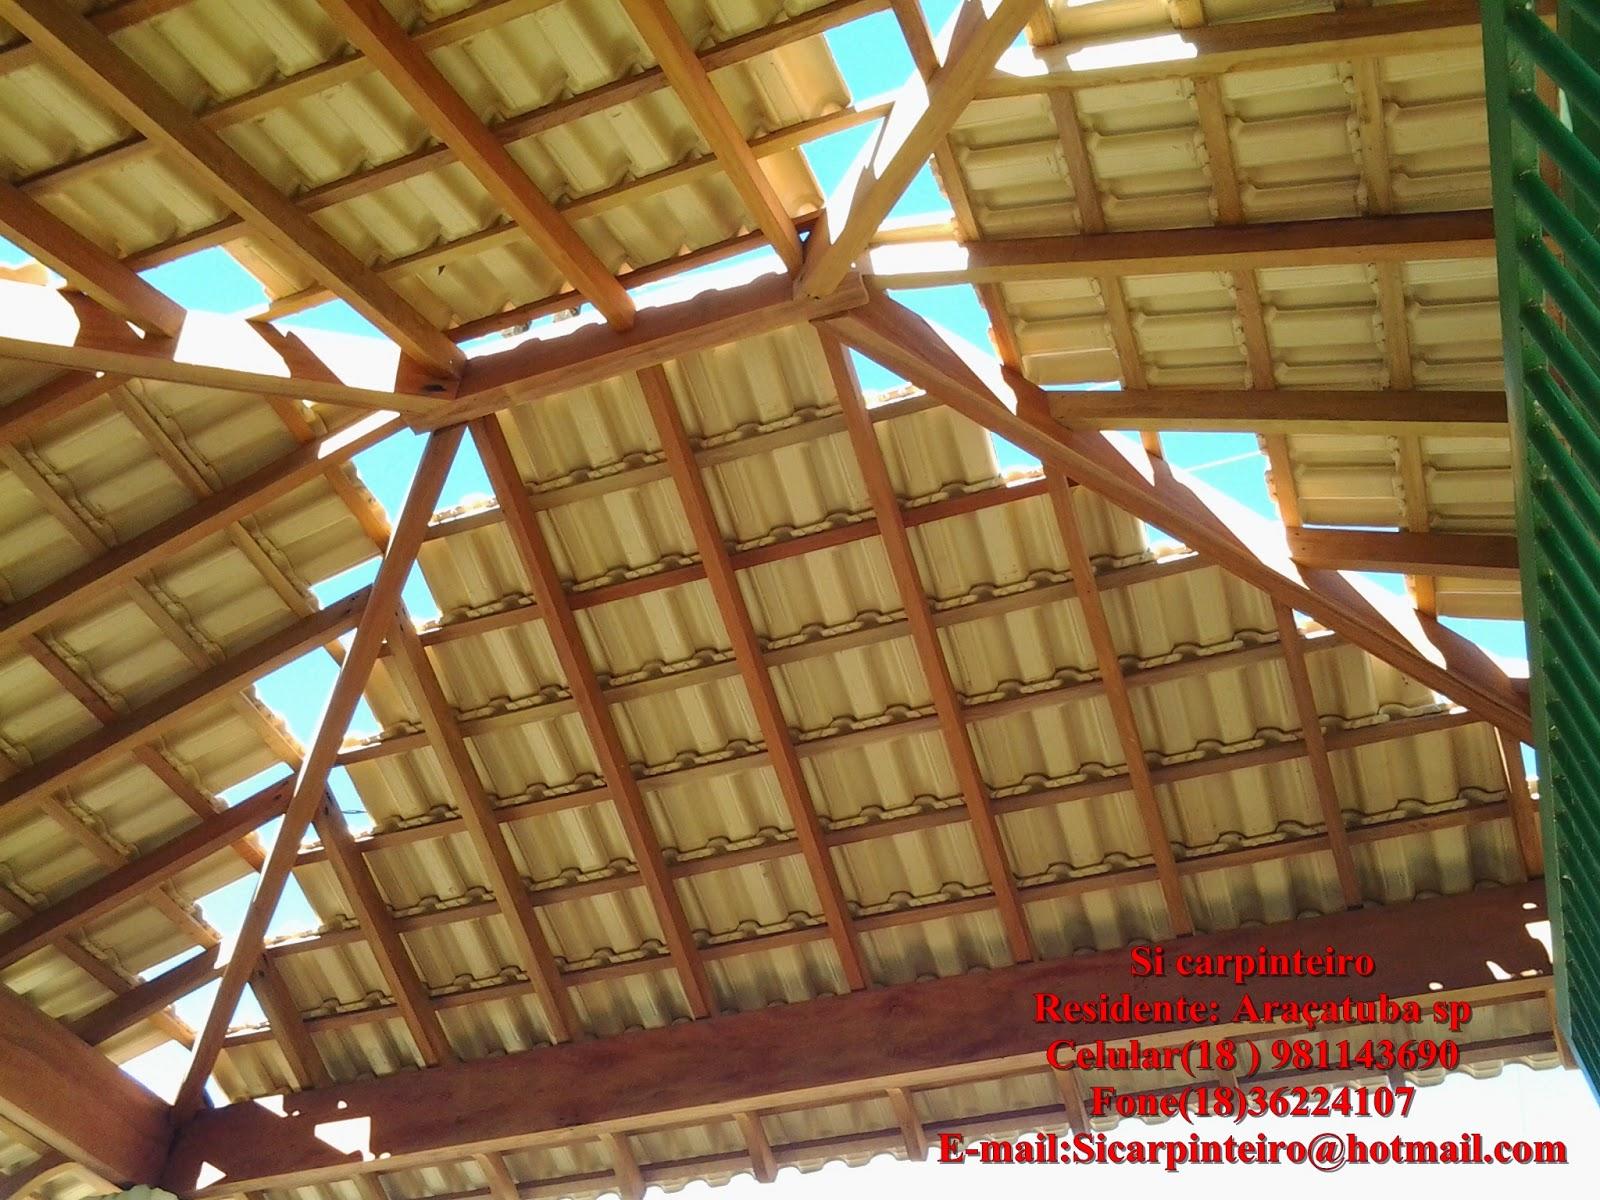 Si carpinteiro: Telhado quatro águas suspenso #0DBDBE 1600x1200